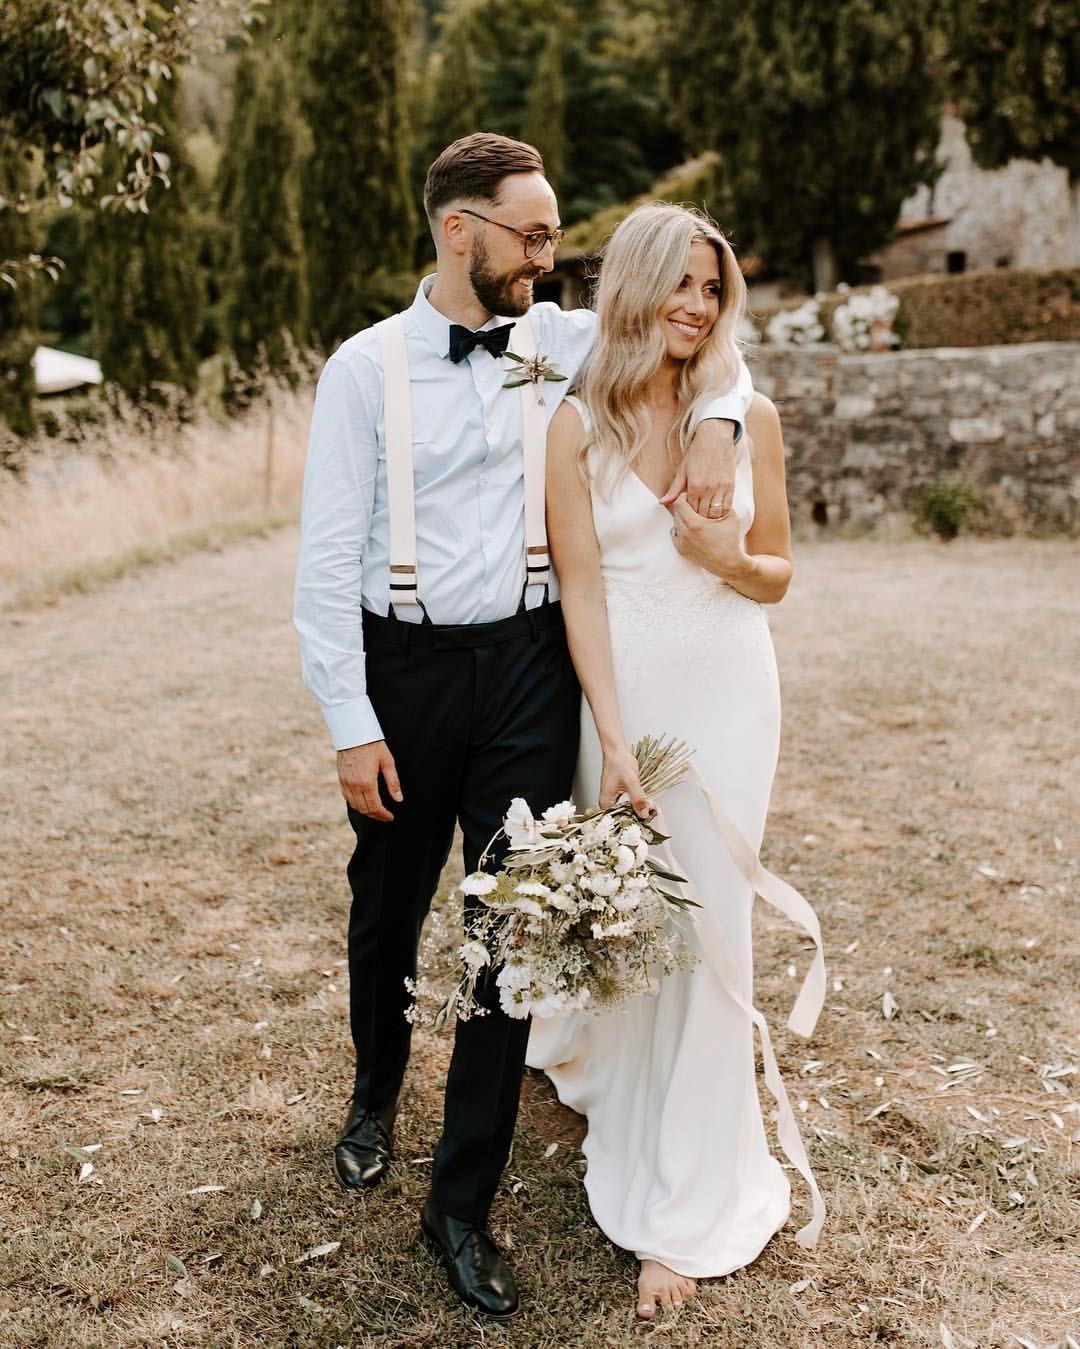 Tuscany Italy Wedding Borgo A Mozzano Peyton Rainey Byford Peytonrbyford Photography On I Italy Wedding Dress Satin Mermaid Wedding Dress Tuscany Wedding